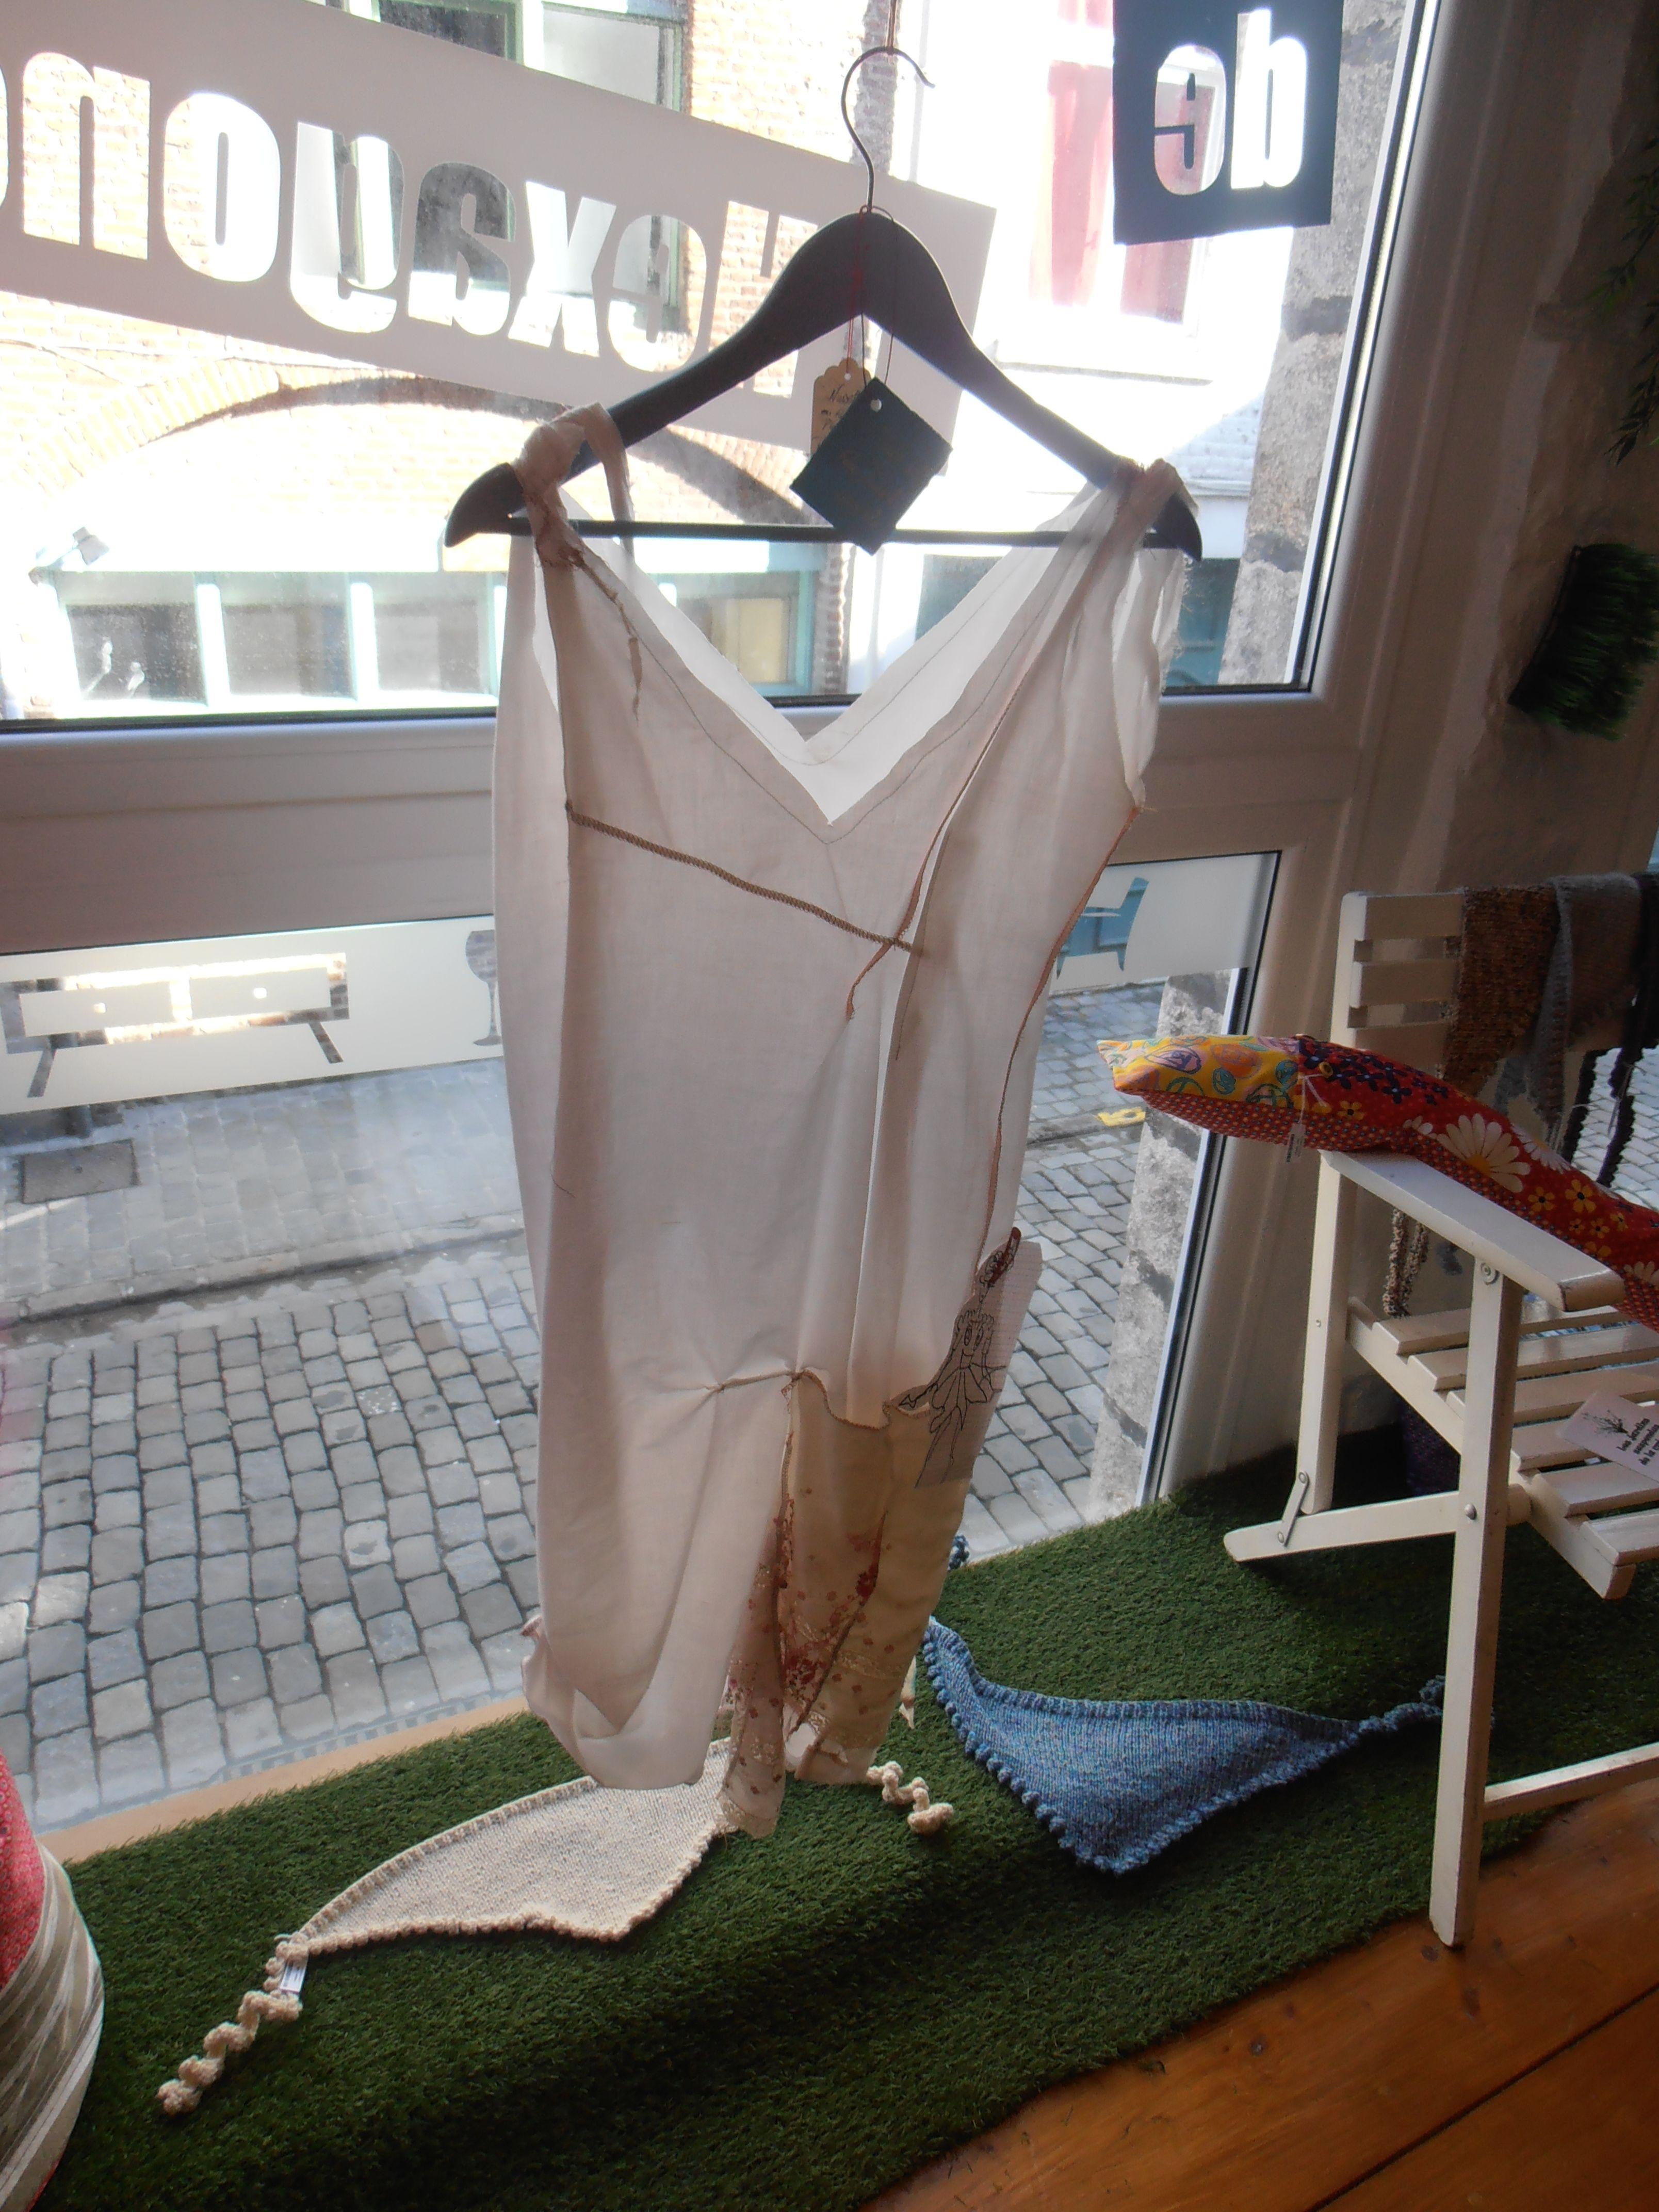 """robe nuisette """"baby Doll à la plage"""", voile de coton bio ...romantisme/ rock décalé..."""